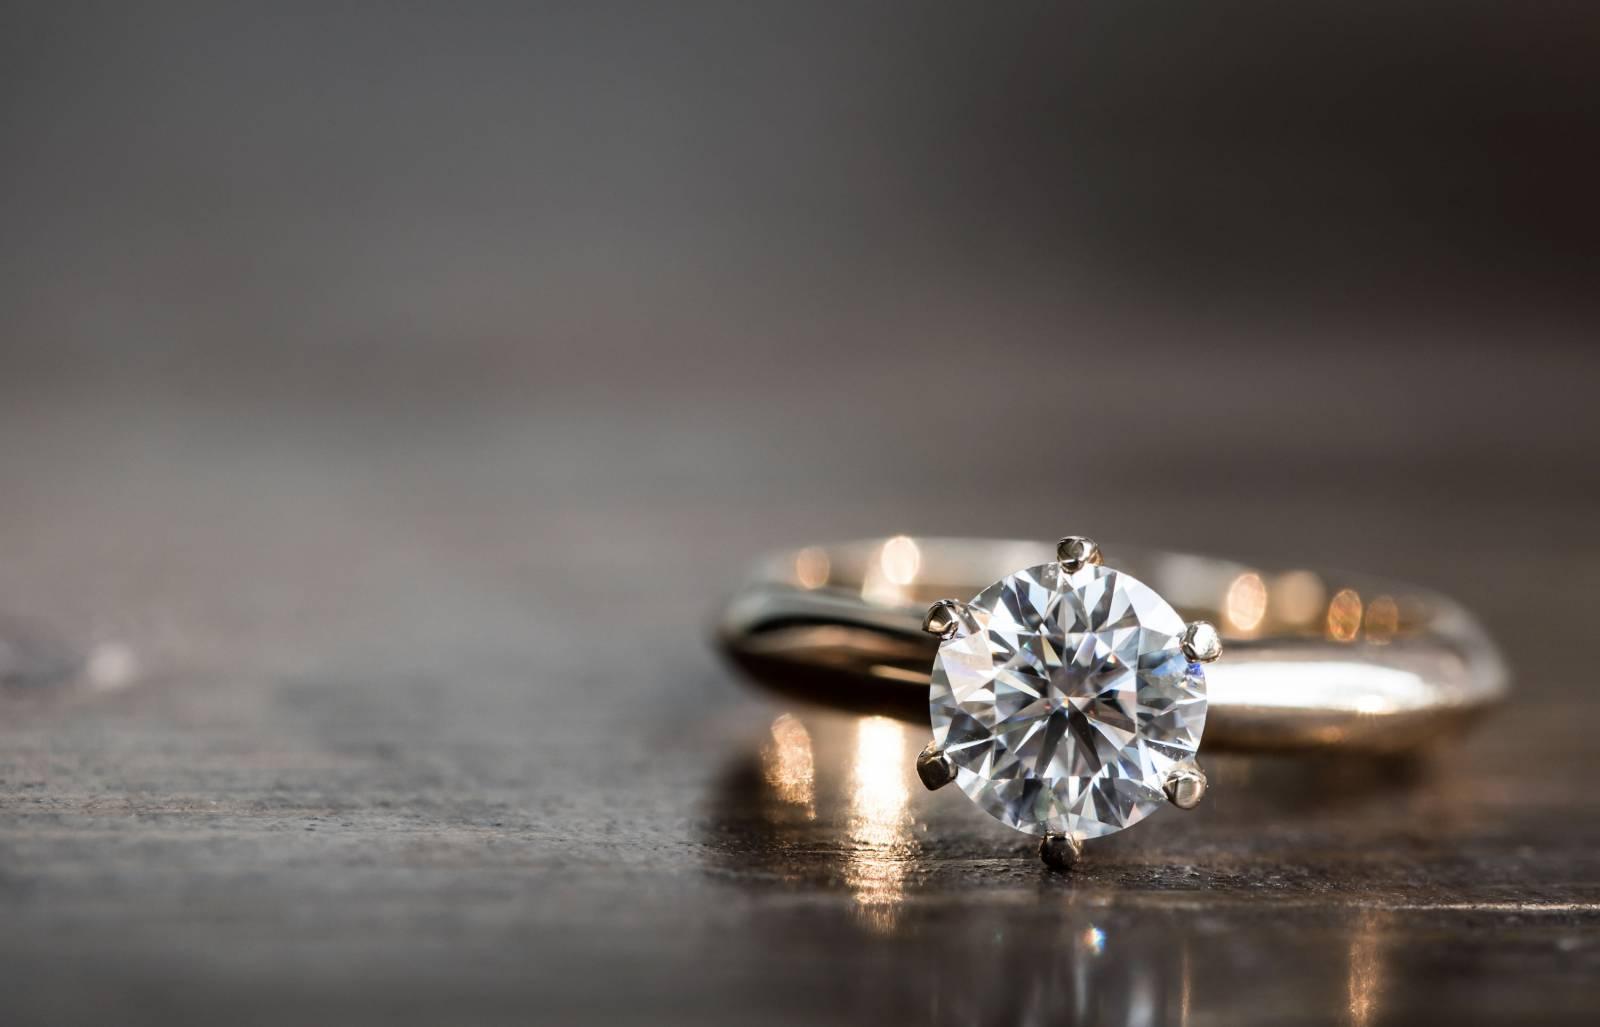 Jewels by Christiaan Van Bignoot - House of Weddings - 22